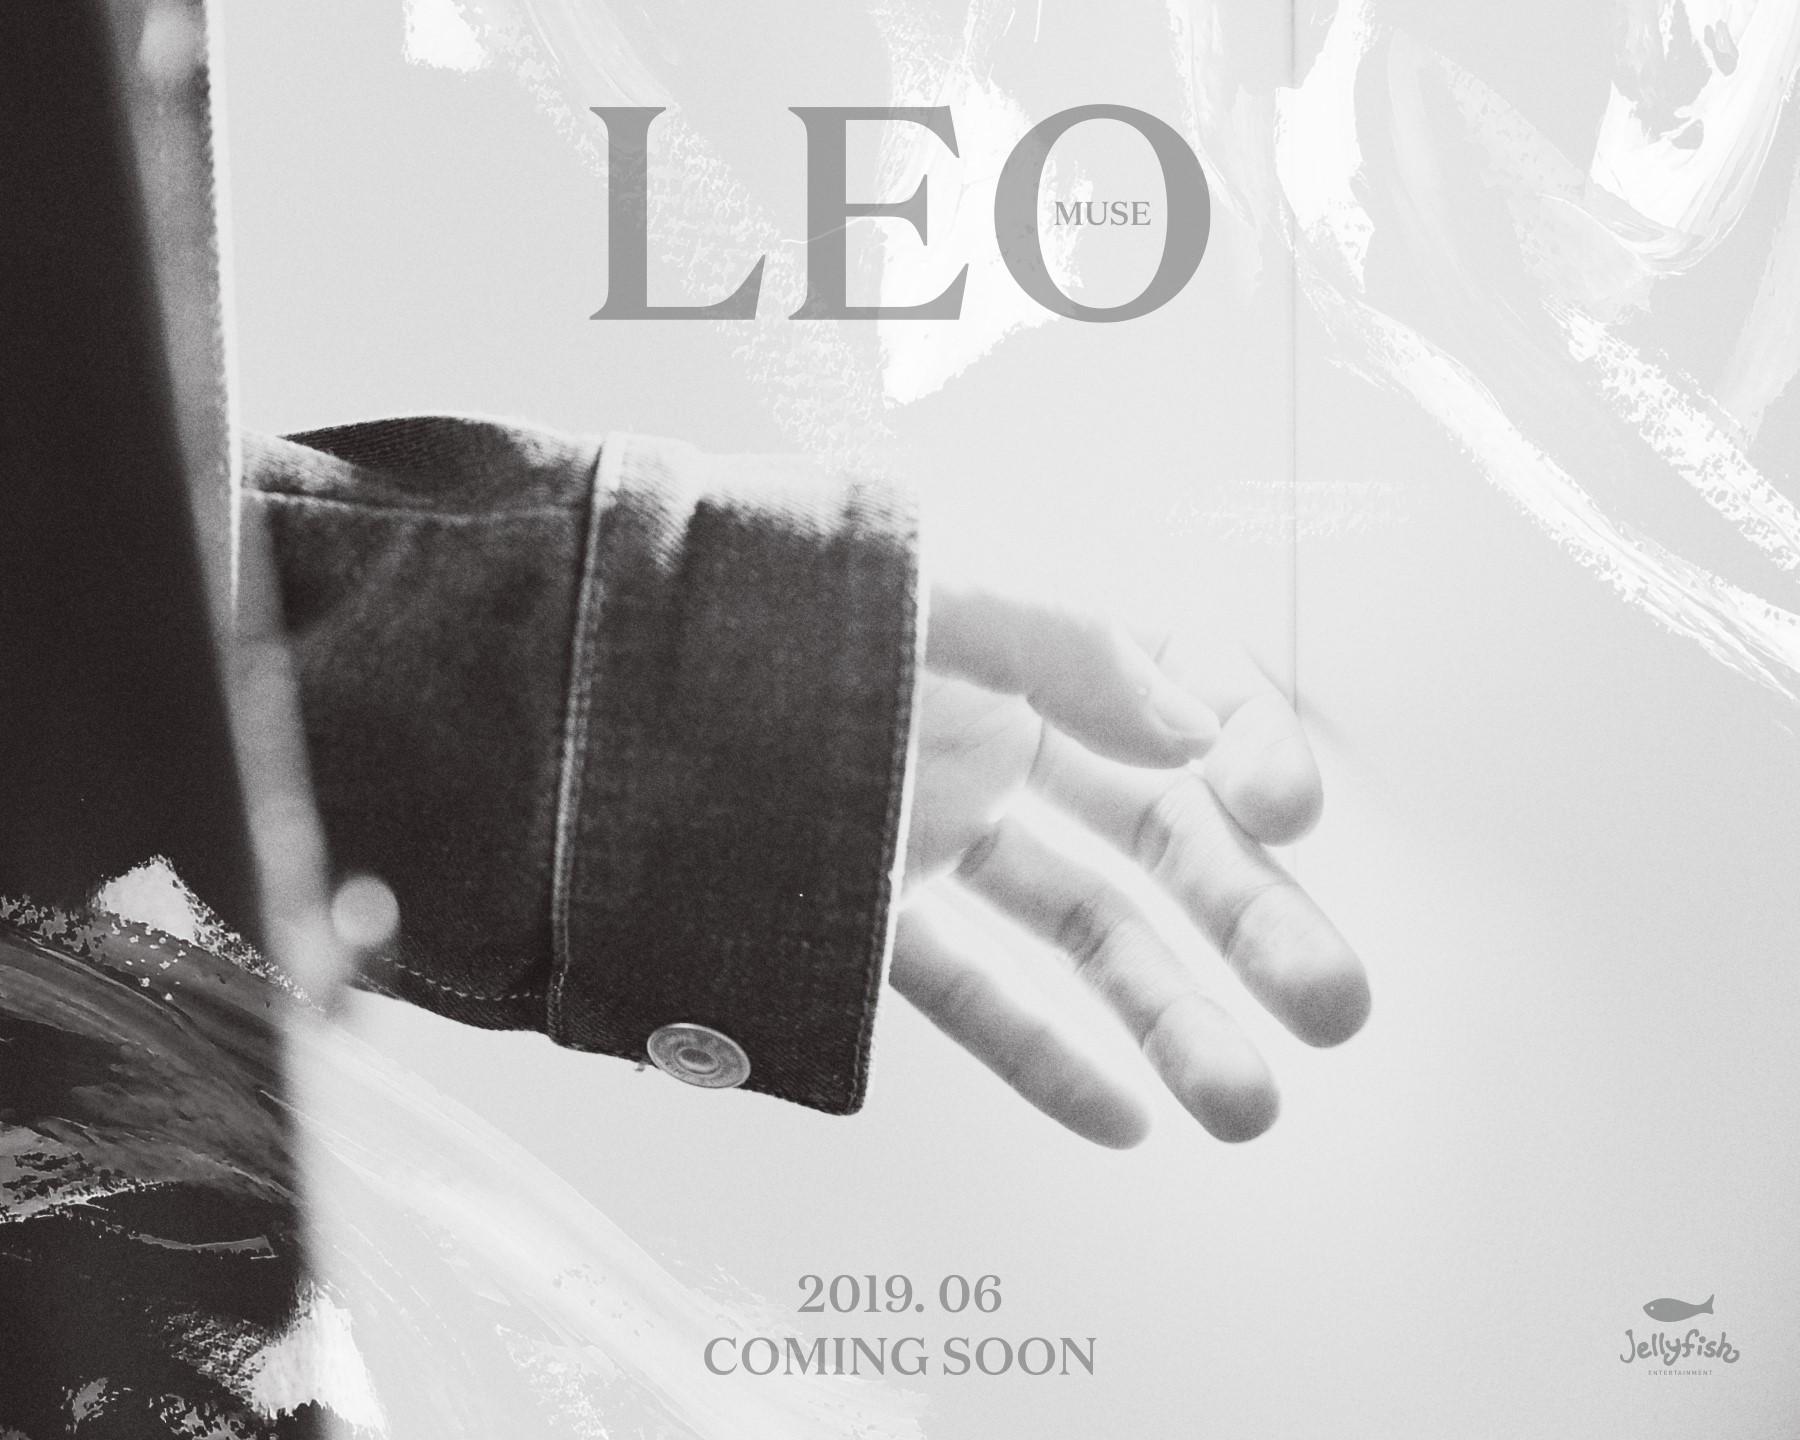 빅스 레오, 신곡 티저-단독 콘서트 개최 '깜짝' 공개!